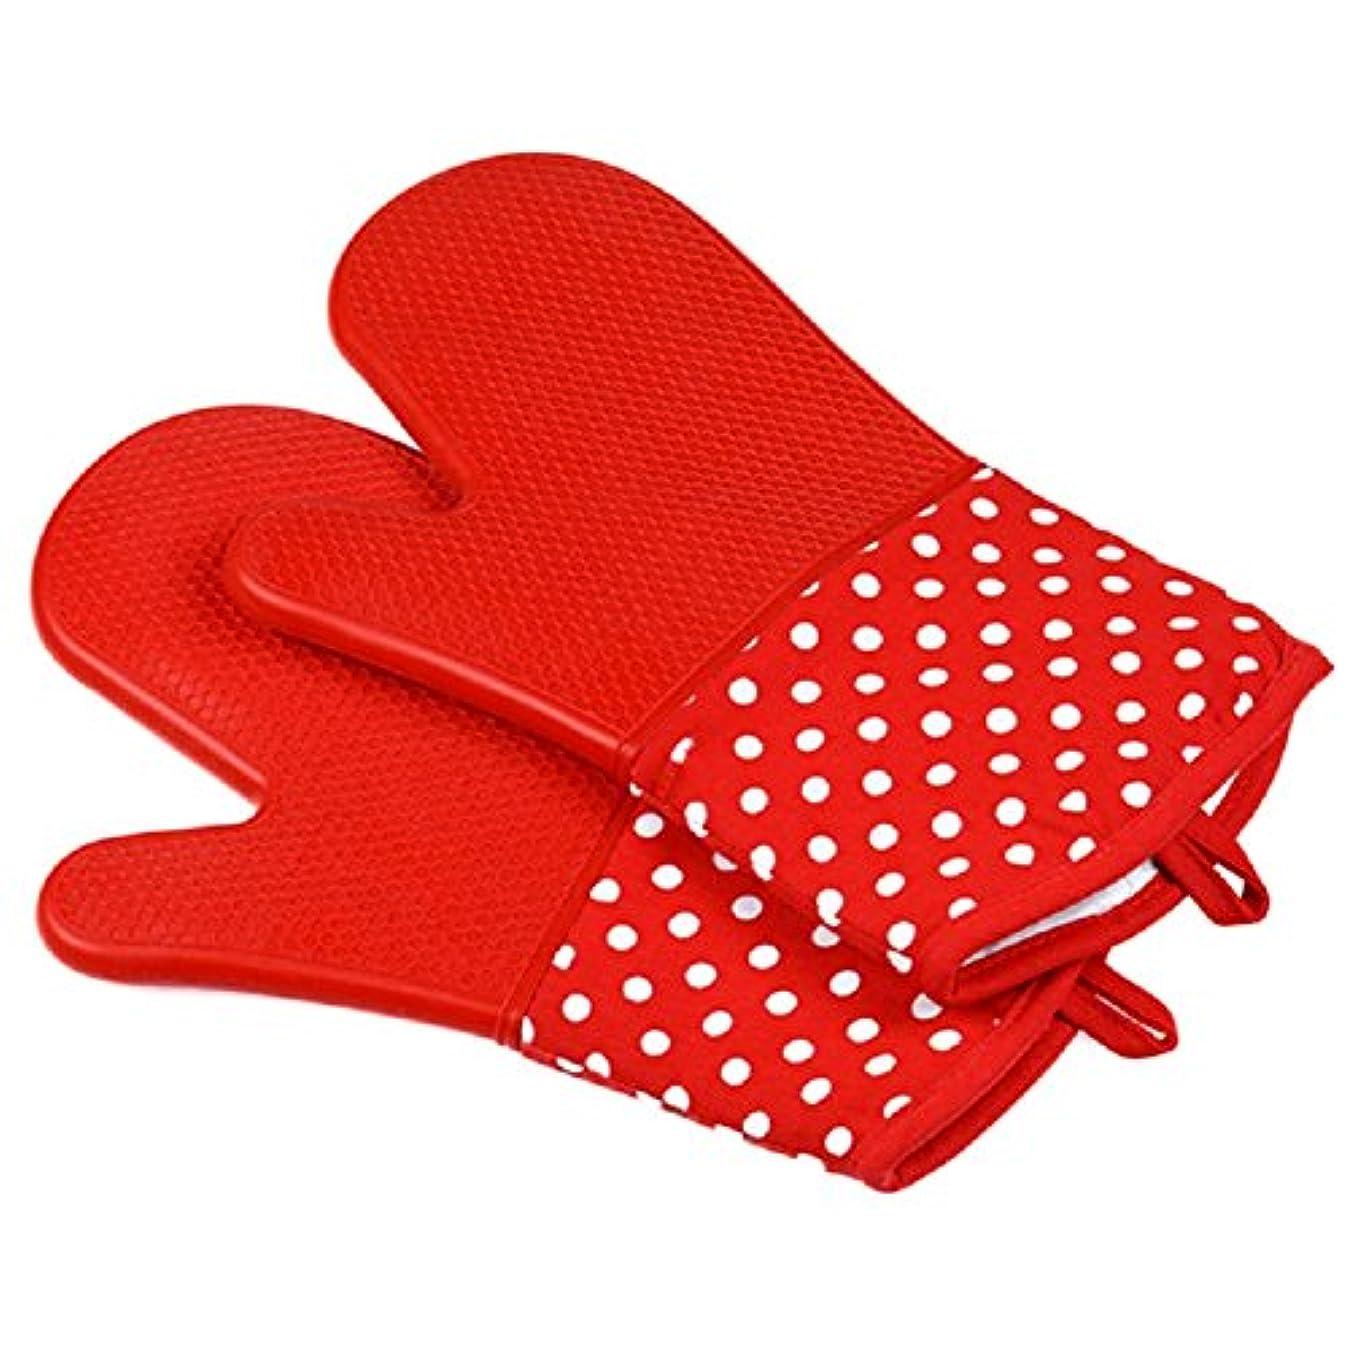 マウントバンクスリムパースOUYOU 耐熱グローブ シリコンチェック 耐熱温度300℃ キッチングローブ オーブンミトン シリコン手袋 滑り止め クッキング用 フリーサイズ 2個セット